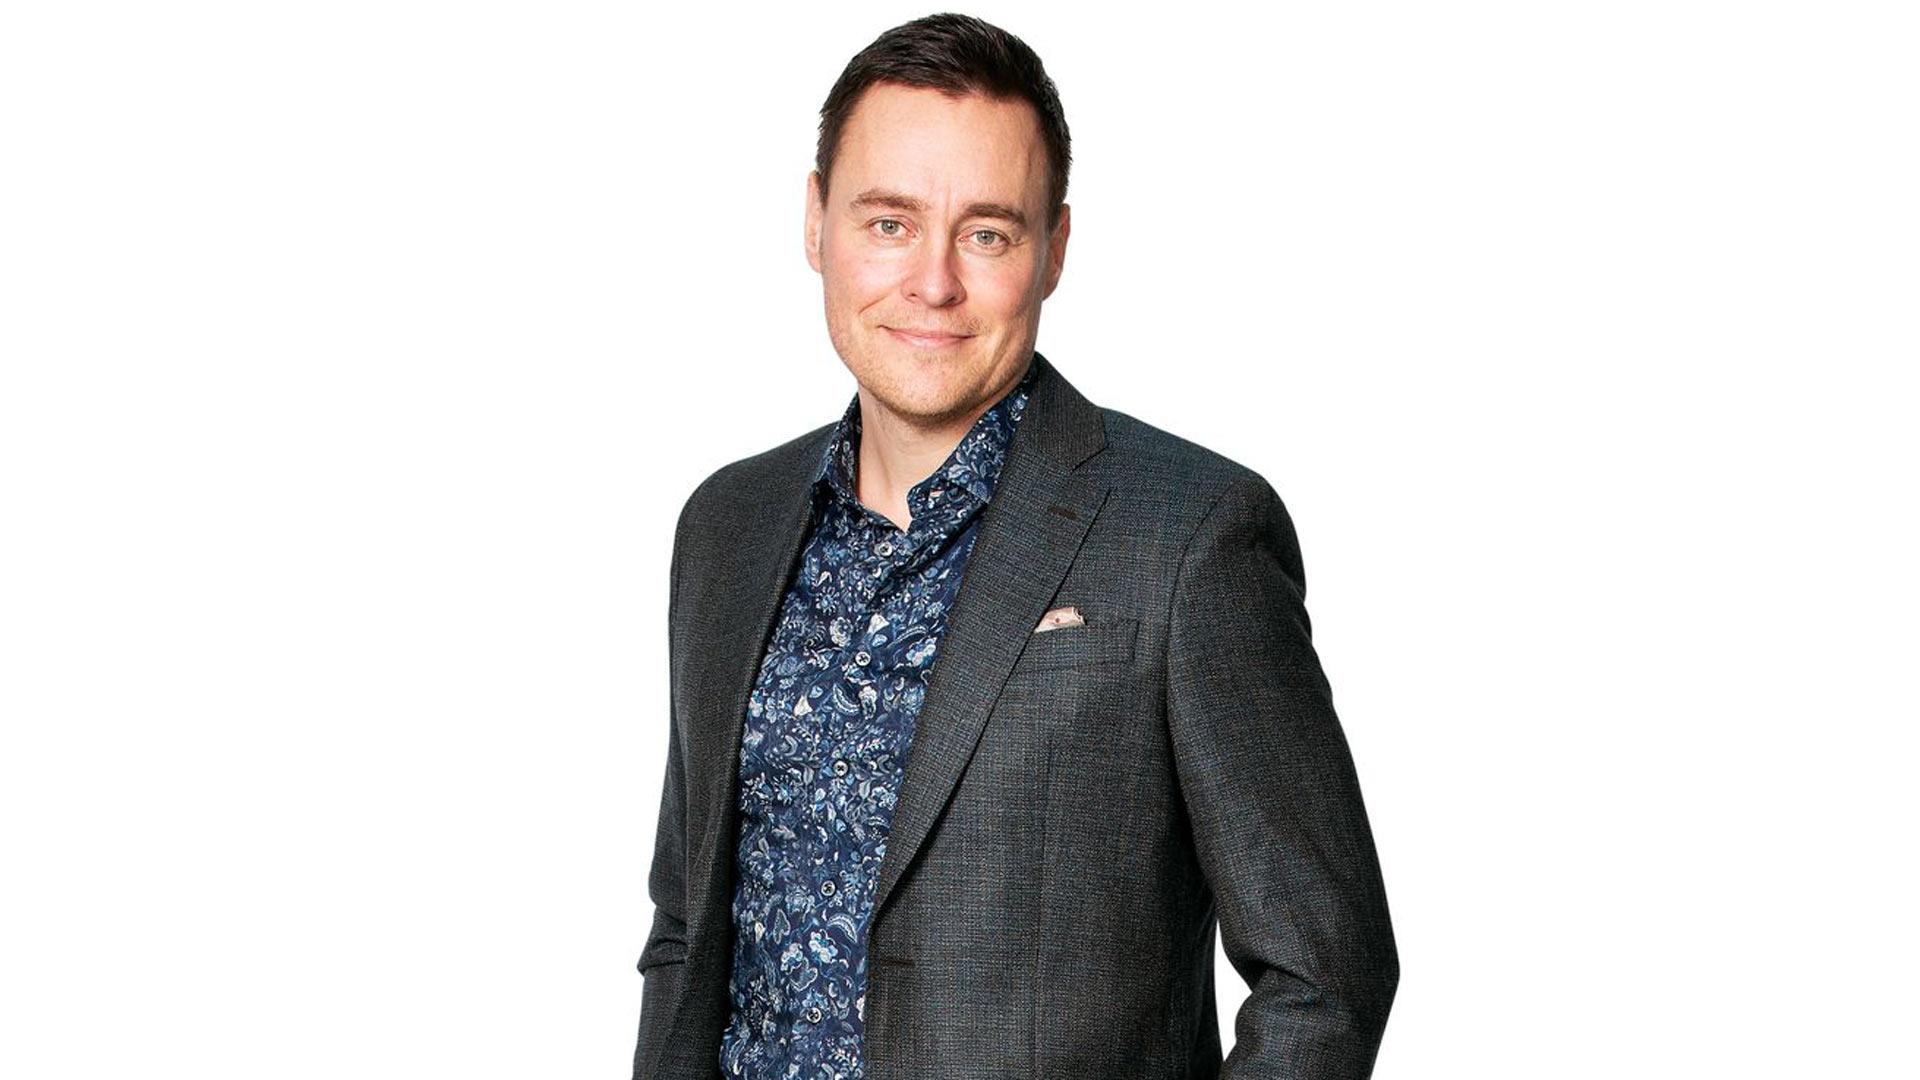 Päätoimittaja Erkki Meriluoto. Aiheena muutos